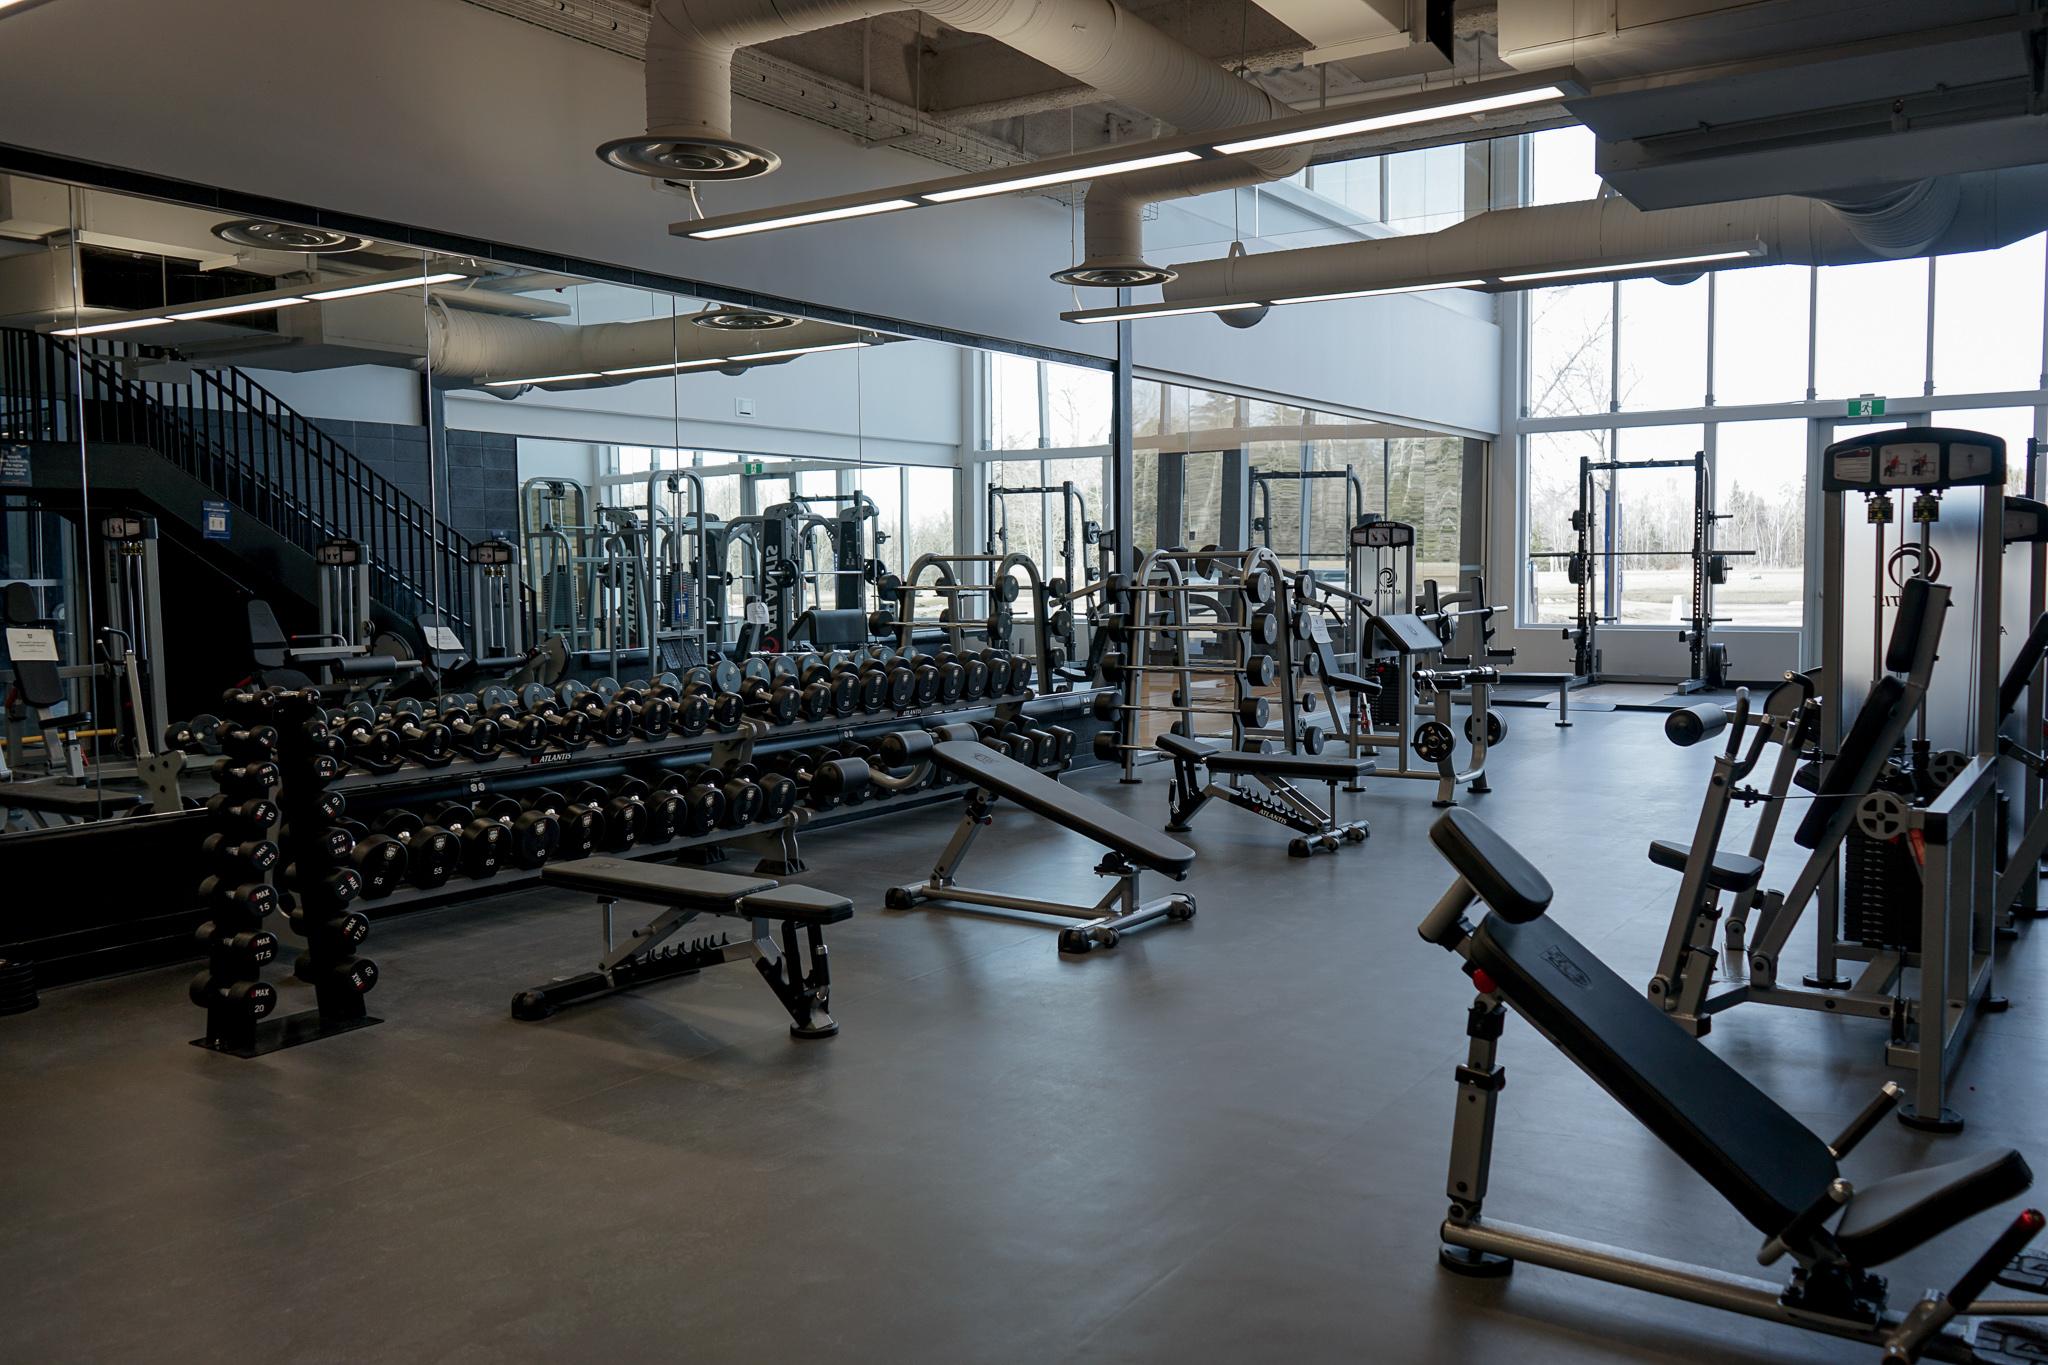 Thunderzone Weight Room